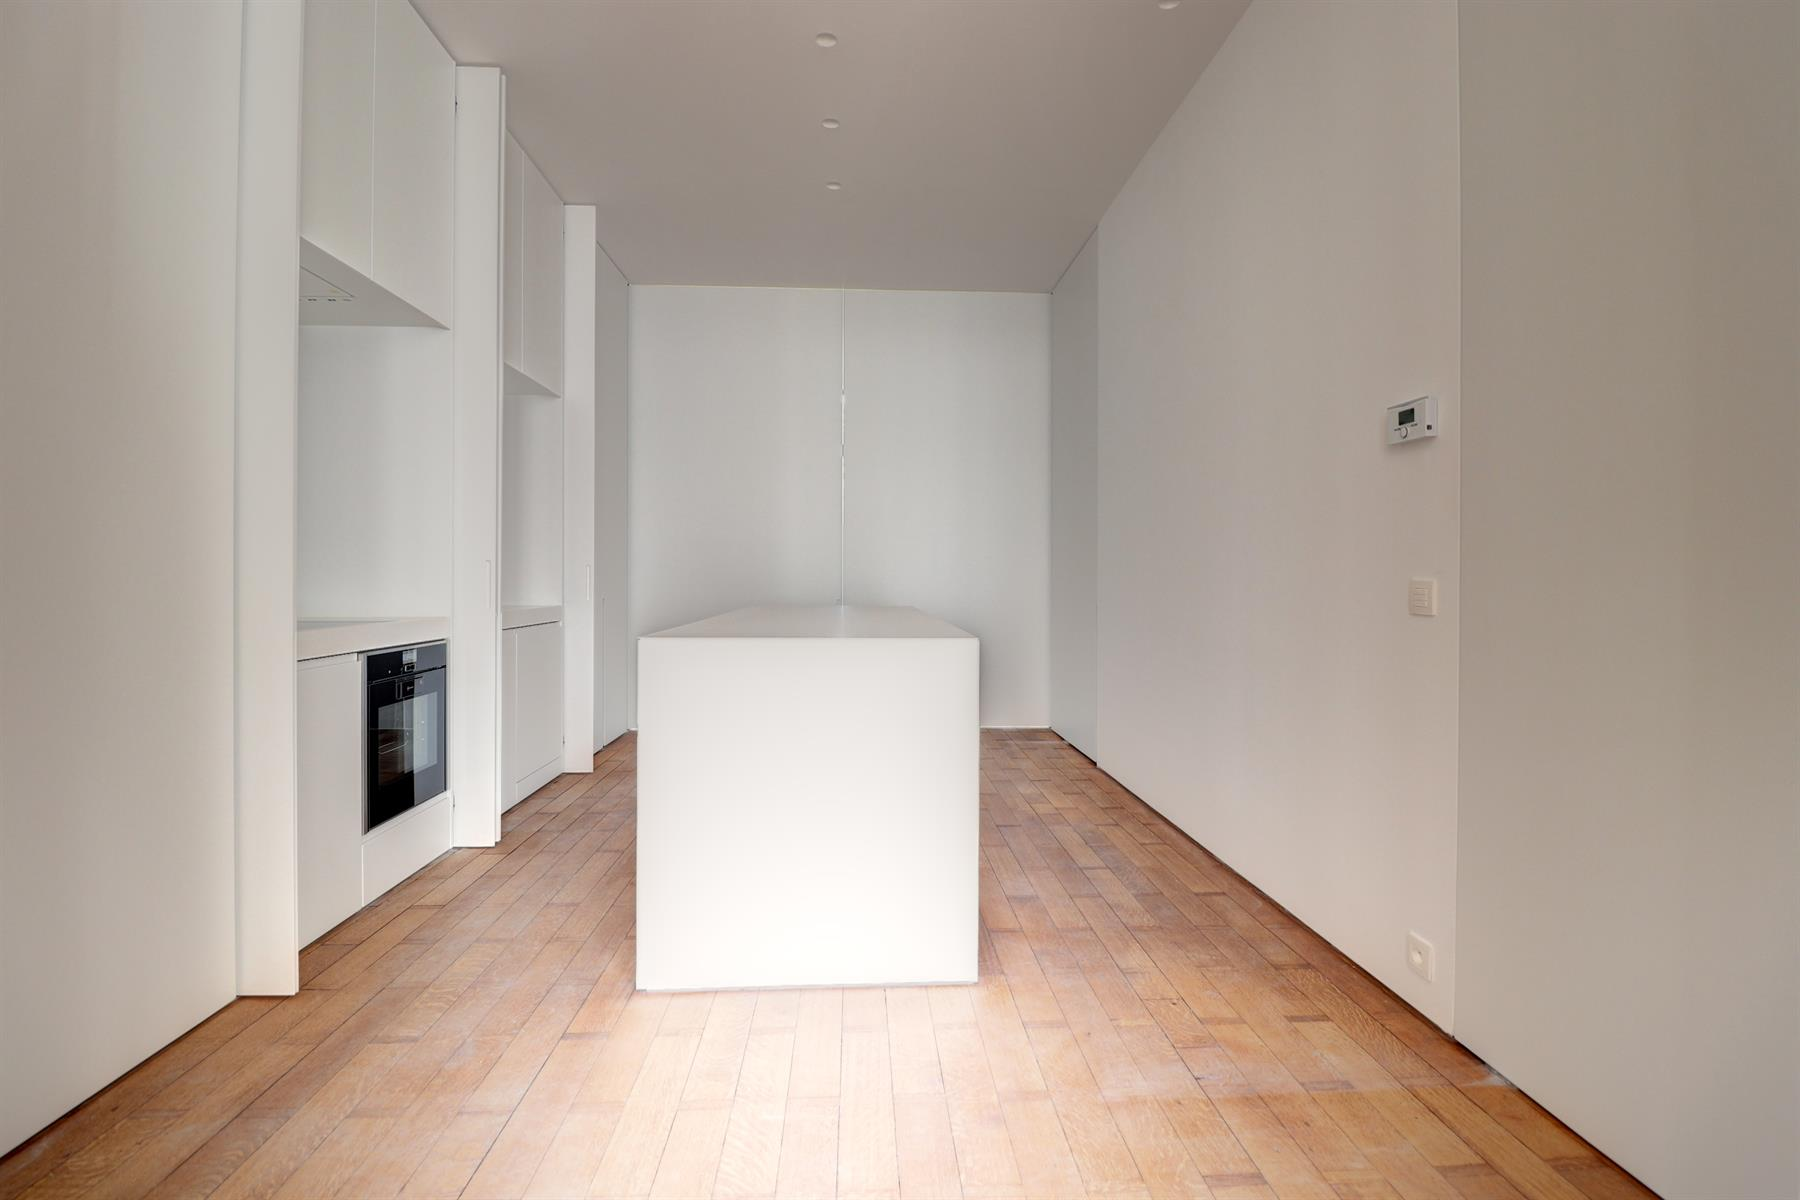 Flat - Ixelles - #4091403-6